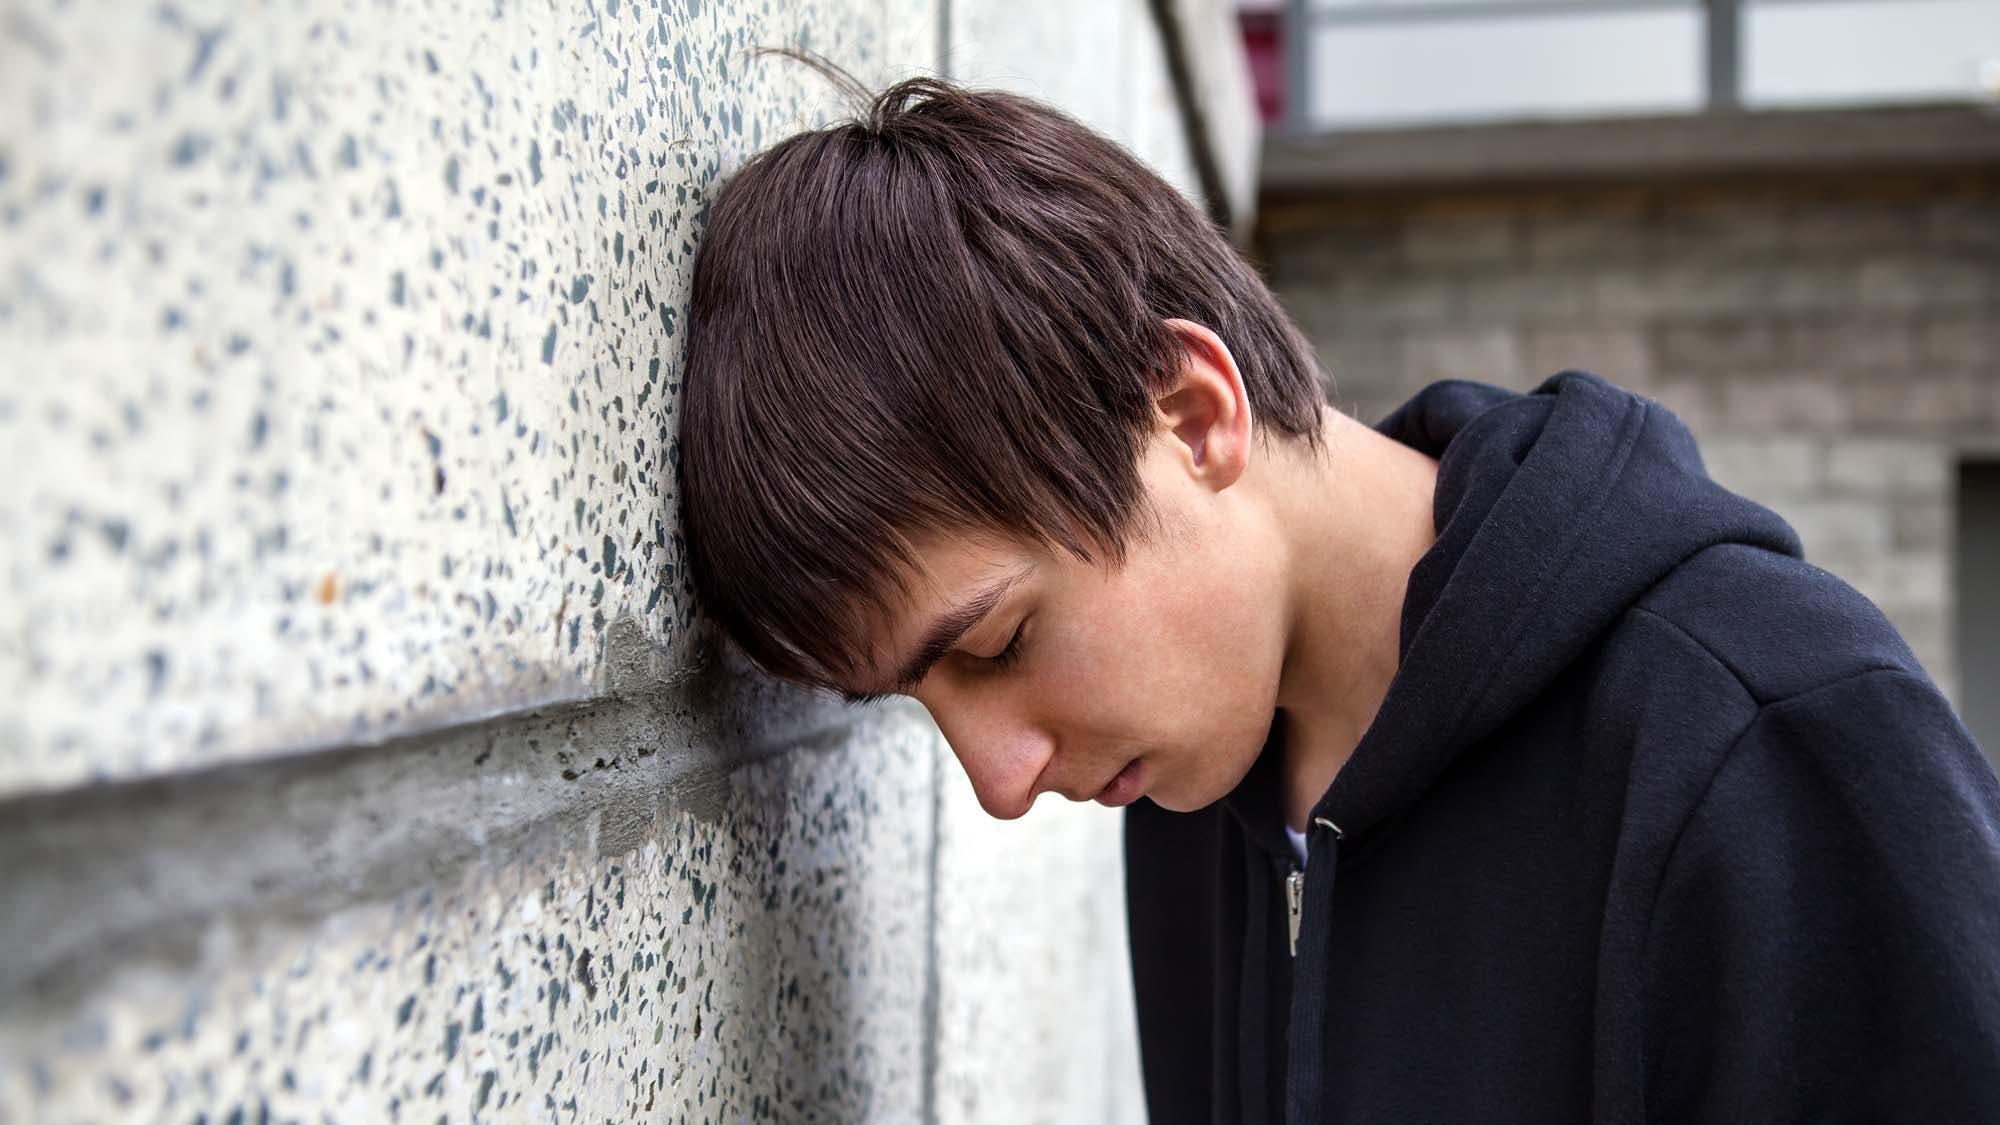 Los jóvenes argentinos, con bajos niveles de bienestar emocional